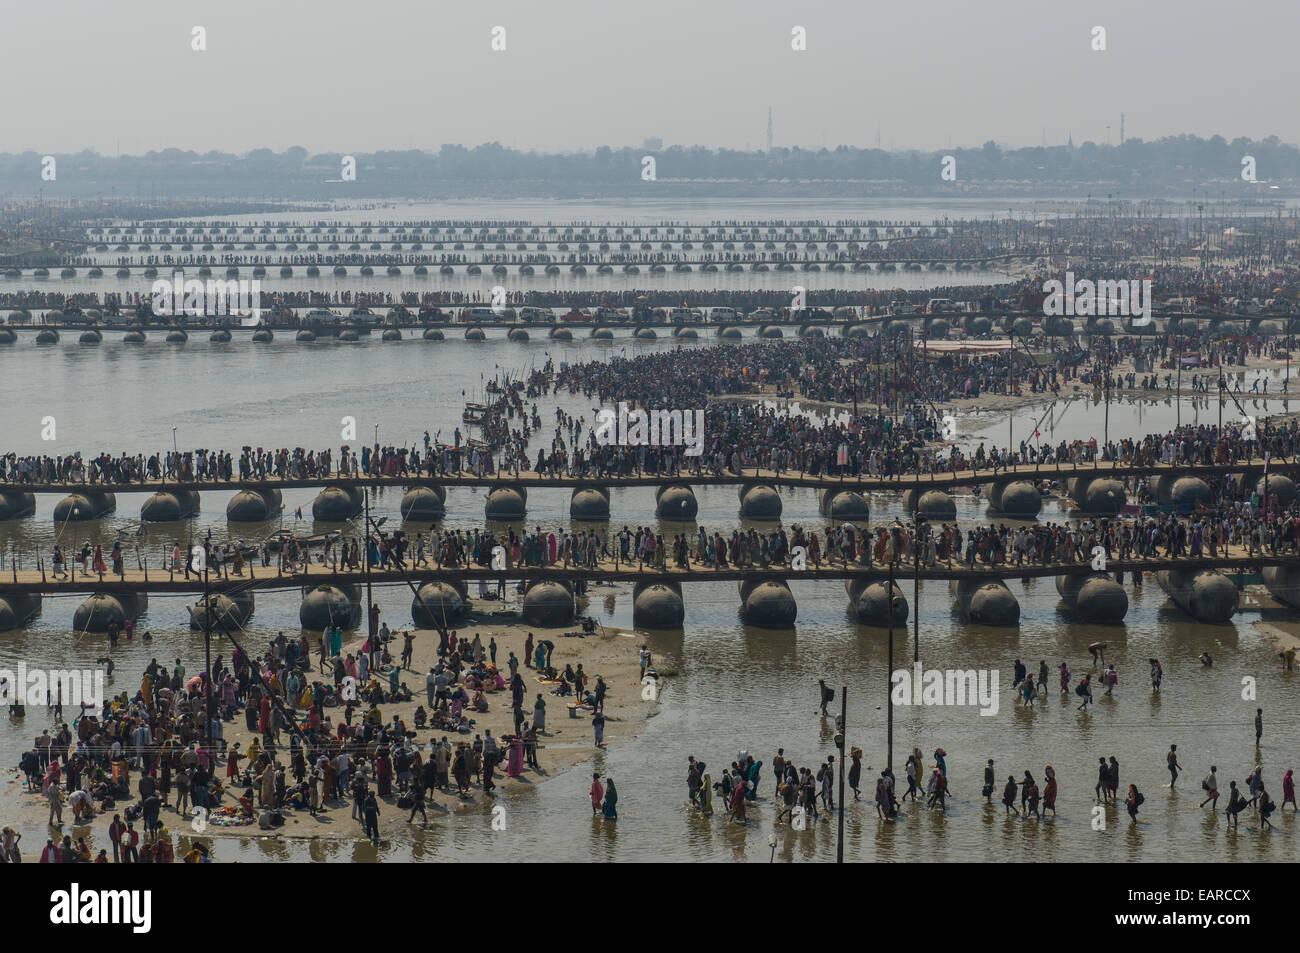 Many pontoon bridges crossing the river Ganges at the Kumbha Mela grounds, Allahabad, Uttar Pradesh, India - Stock Image